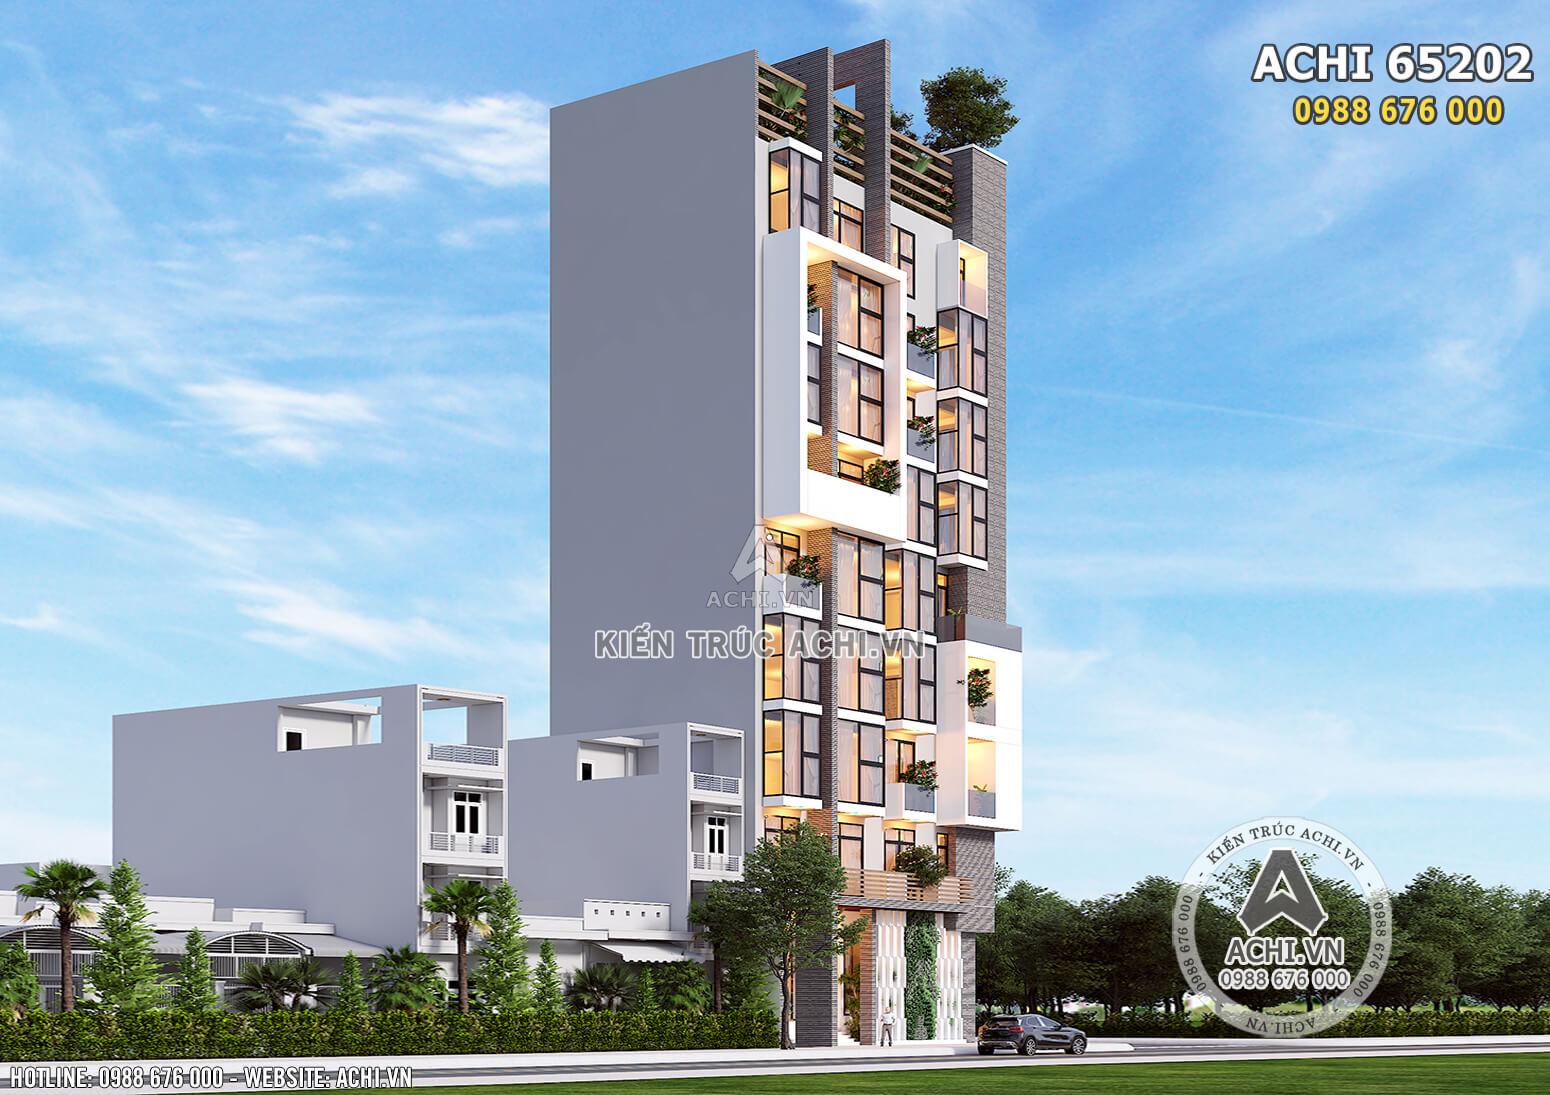 Thiết kế chung cư mini tại Lạng Sơn - Mã số: ACHI 65202